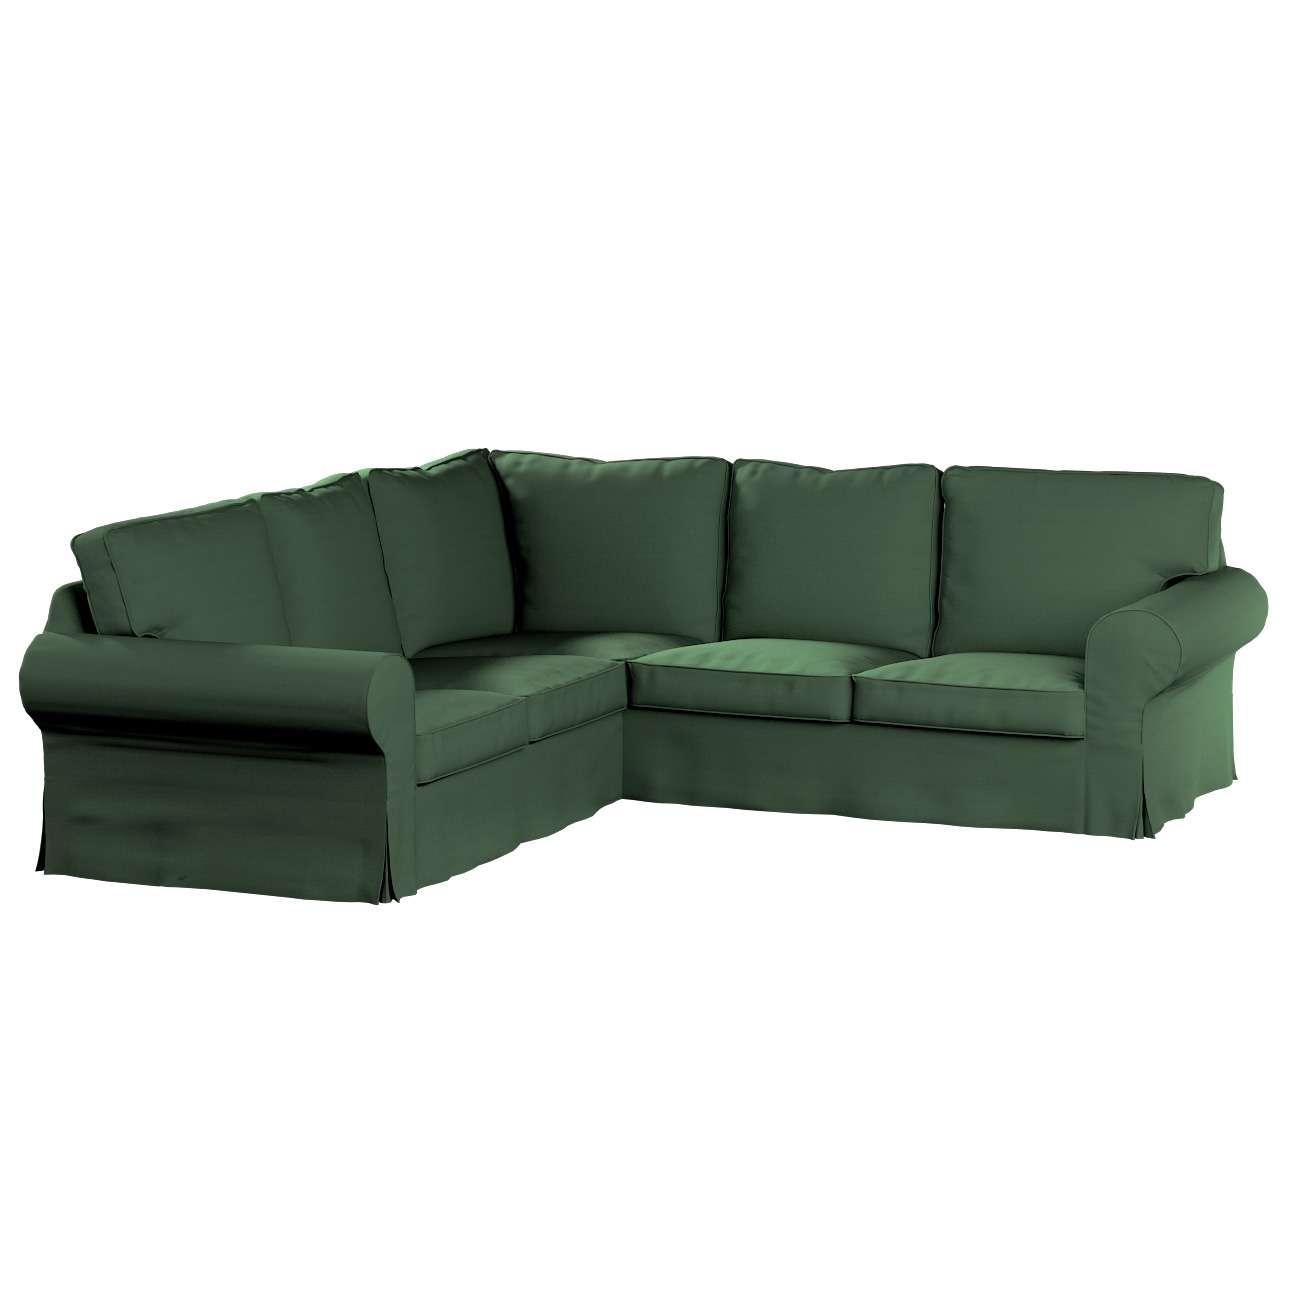 Pokrowiec Ektorp na sofę Sofa Ektorp narożna w kolekcji Cotton Panama, tkanina: 702-06